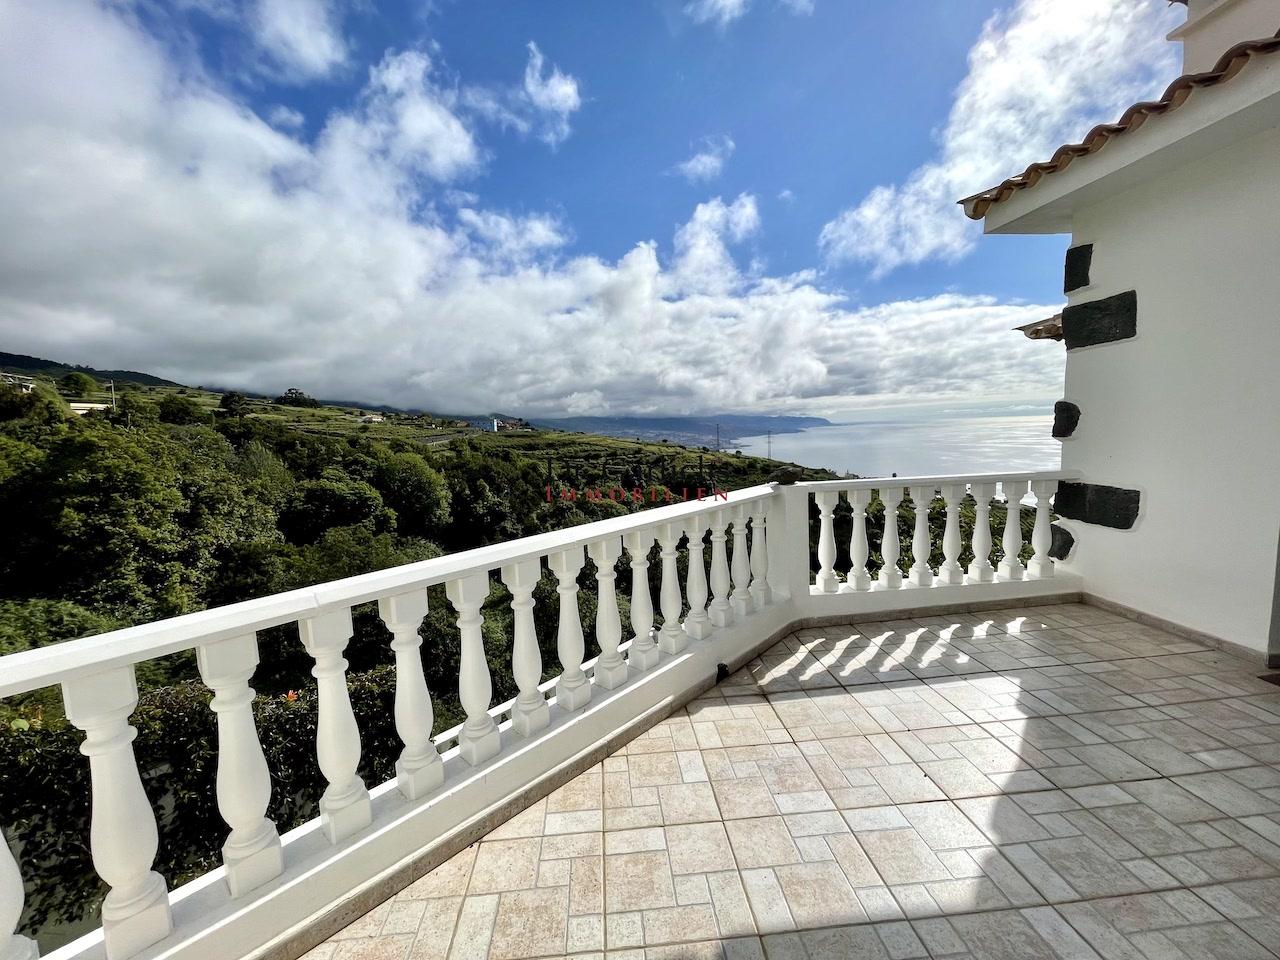 Haus mit Fußbodenheizung und fantastischer Aussicht